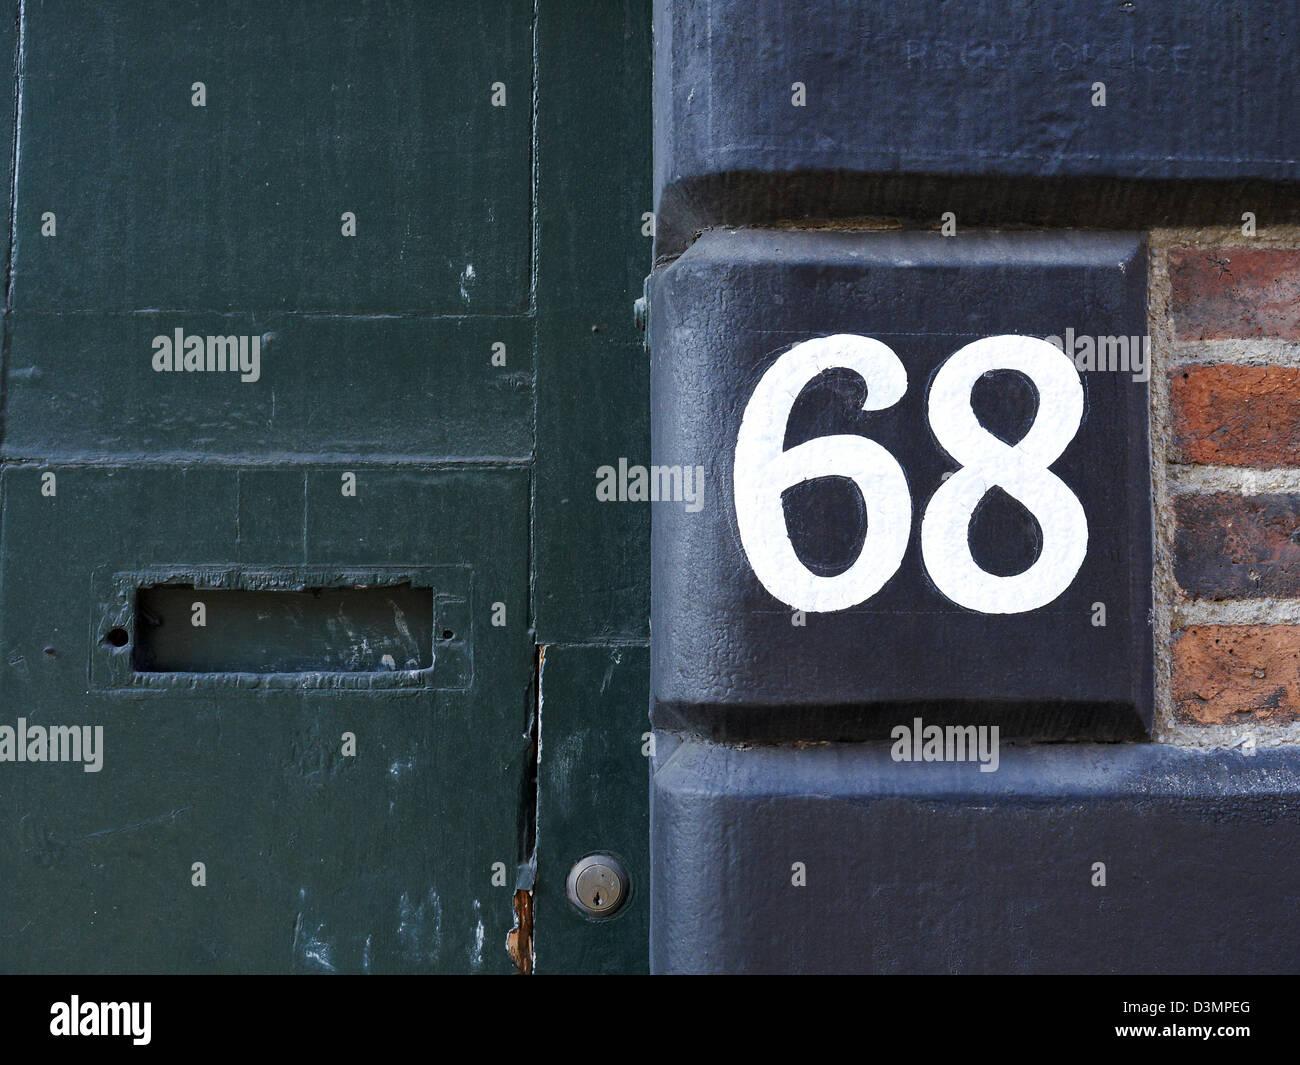 Numero civico foto immagine stock  alamy